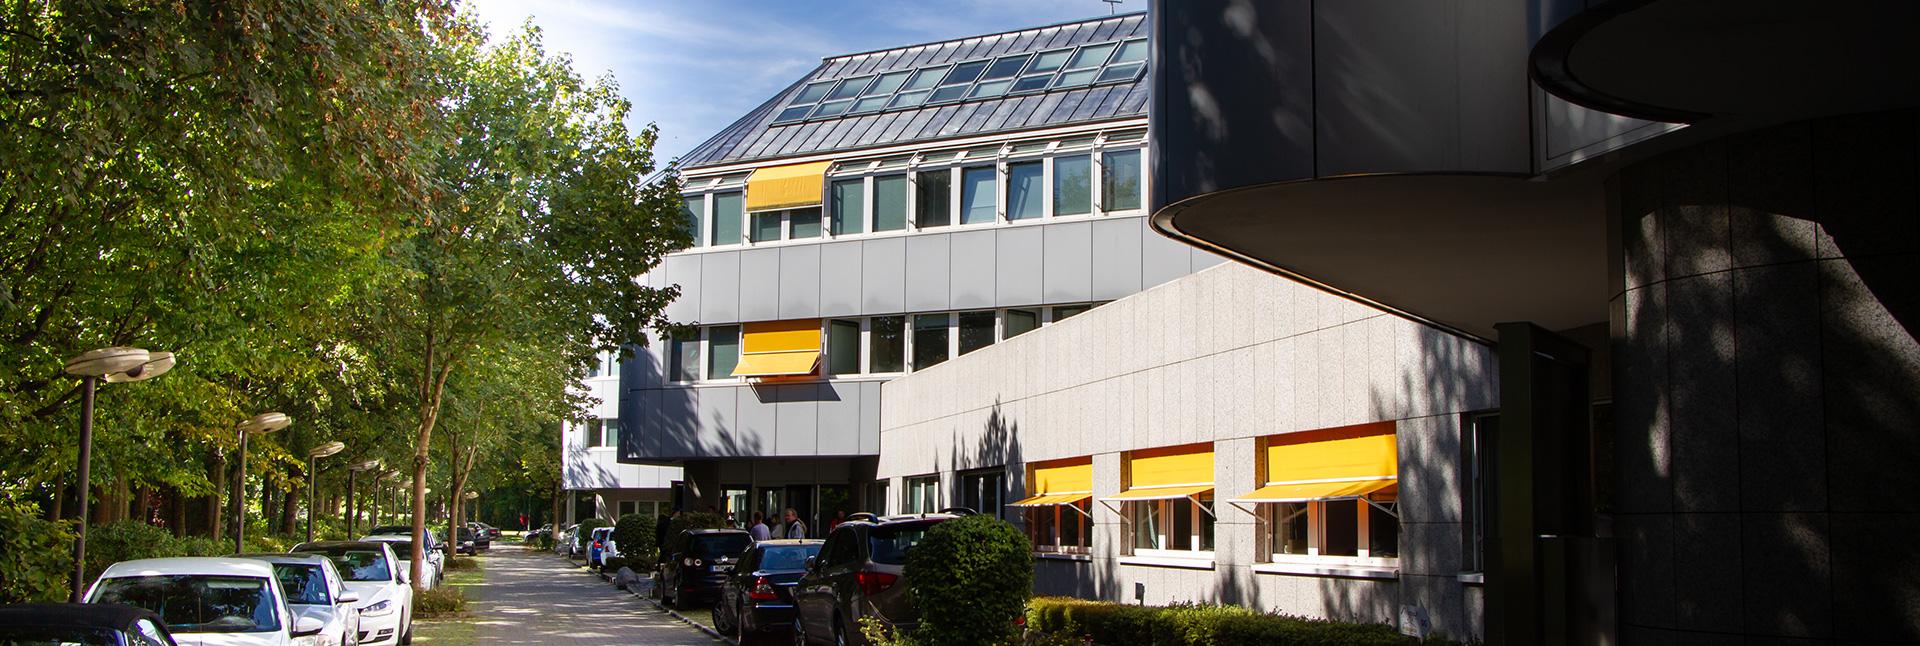 Blick auf das Gebäudes in der Steinheilstraße 4.